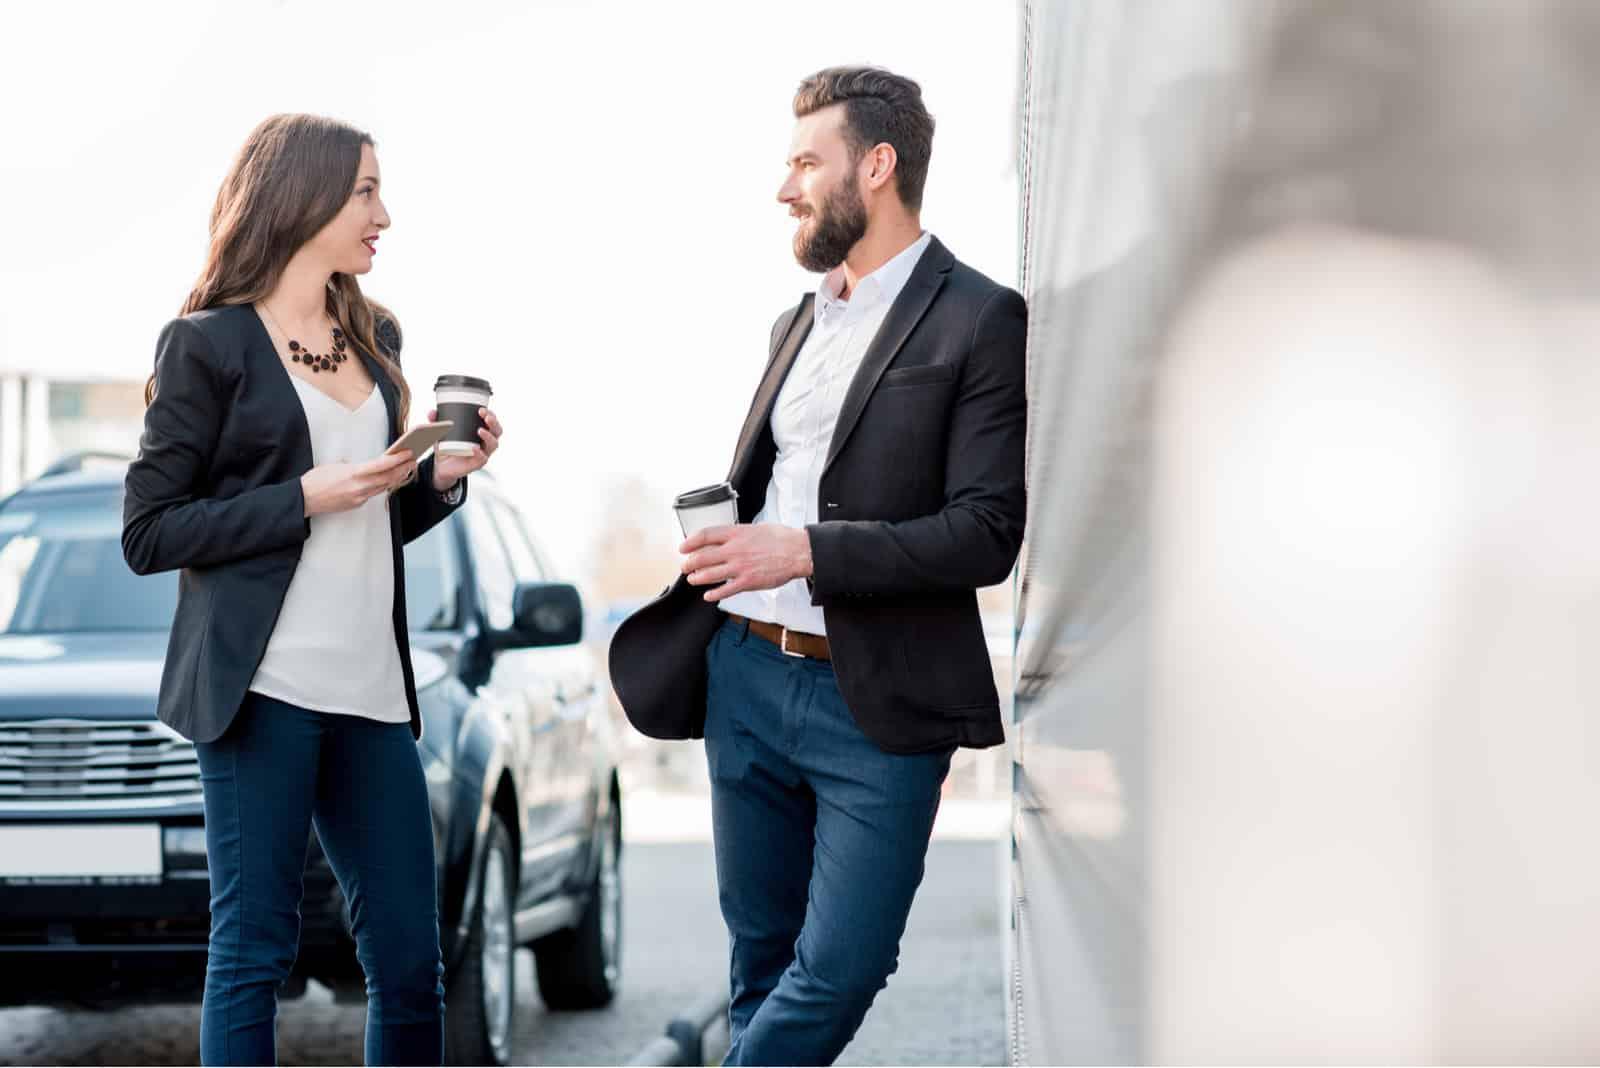 un homme et une femme sont debout en train de boire du café et de parler